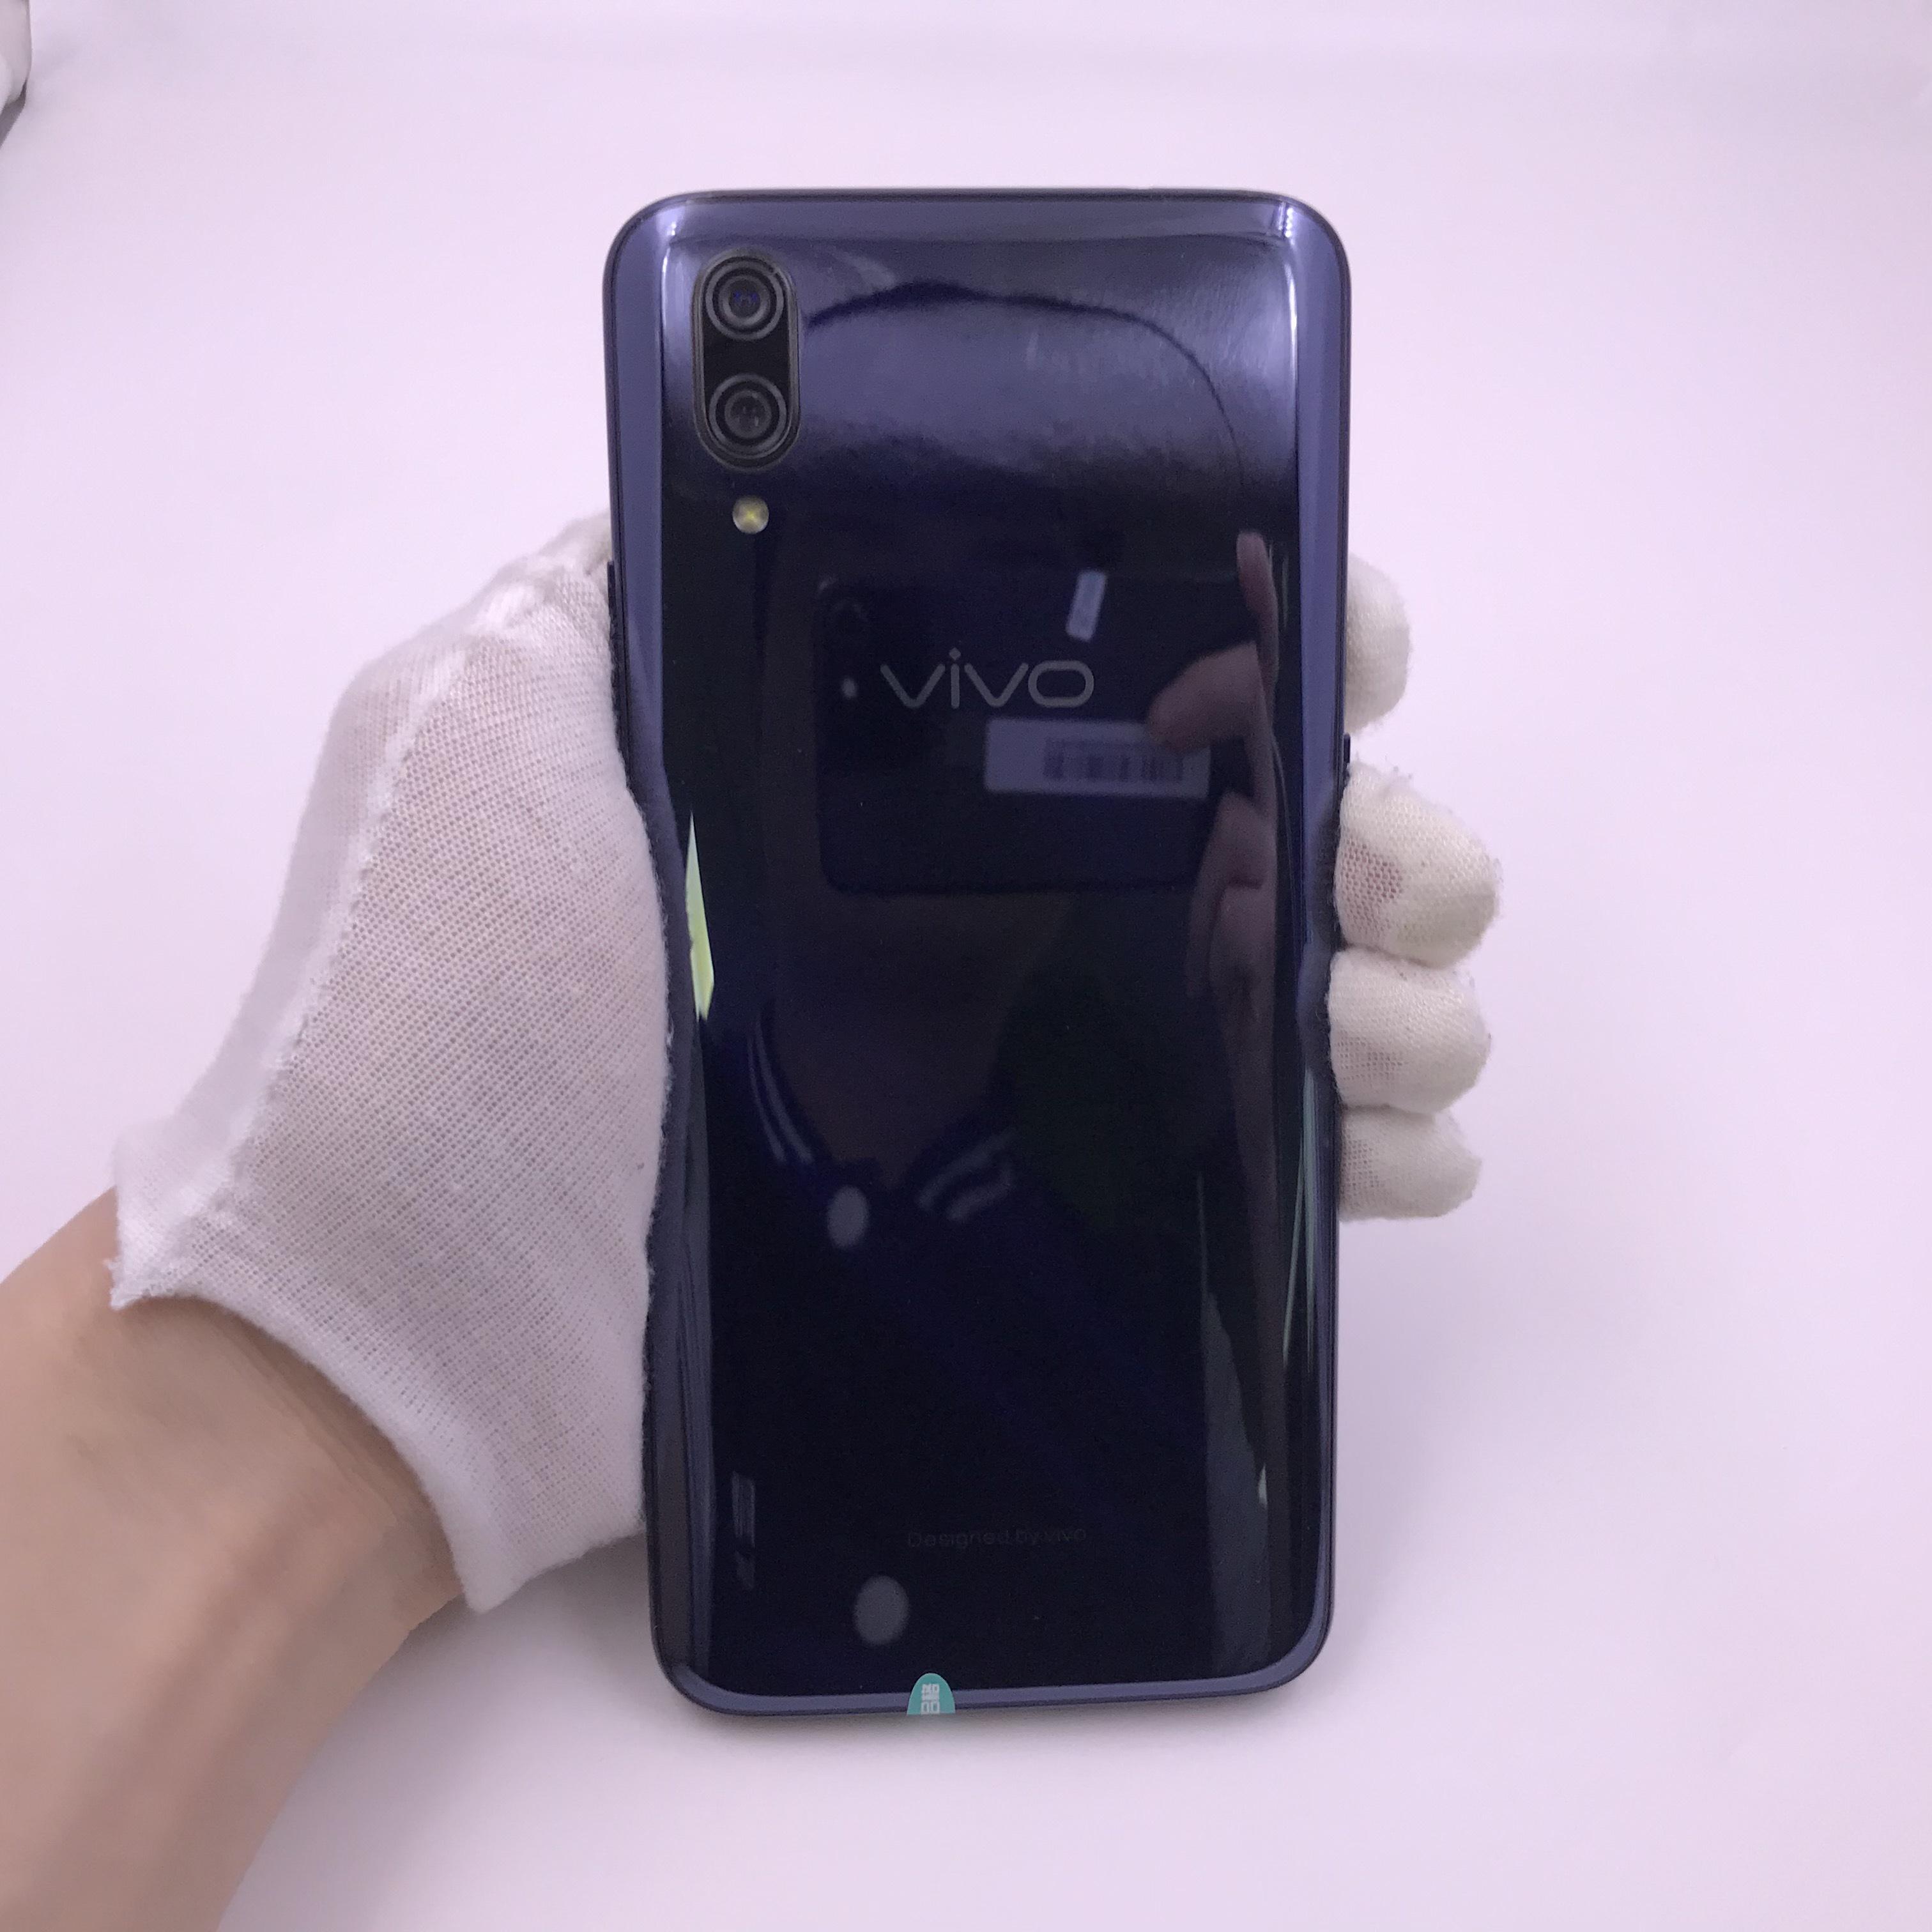 vivo【X23】4G全网通 蓝色 8G/128G 国行 8成新